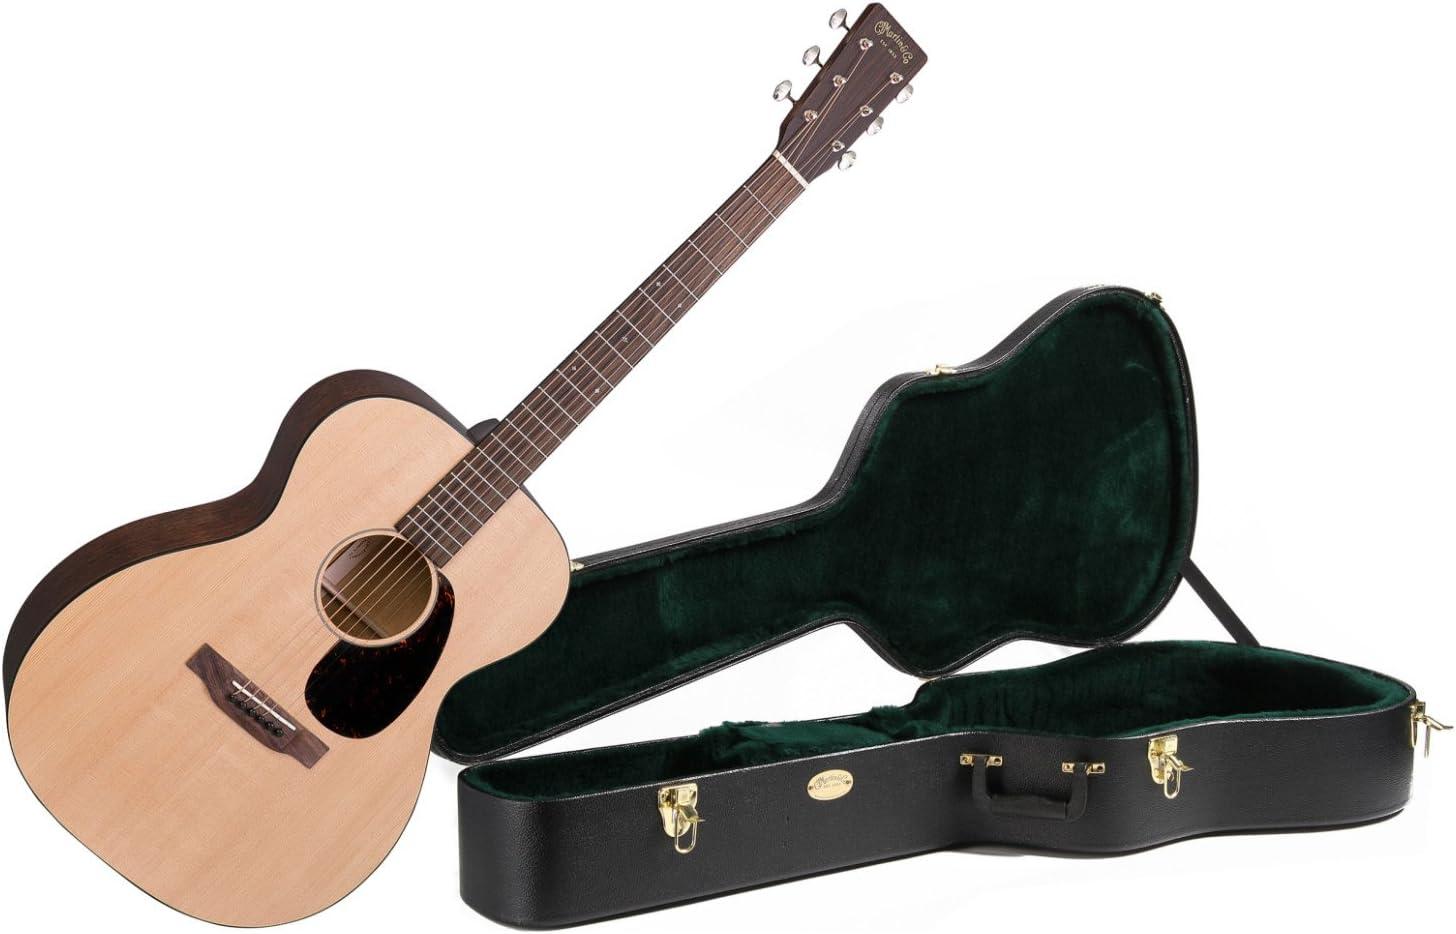 Martin 000 – 15 especial sólido Sitka Spruce Top Guitarra Acústica W/Carcasa Funda: Amazon.es: Instrumentos musicales